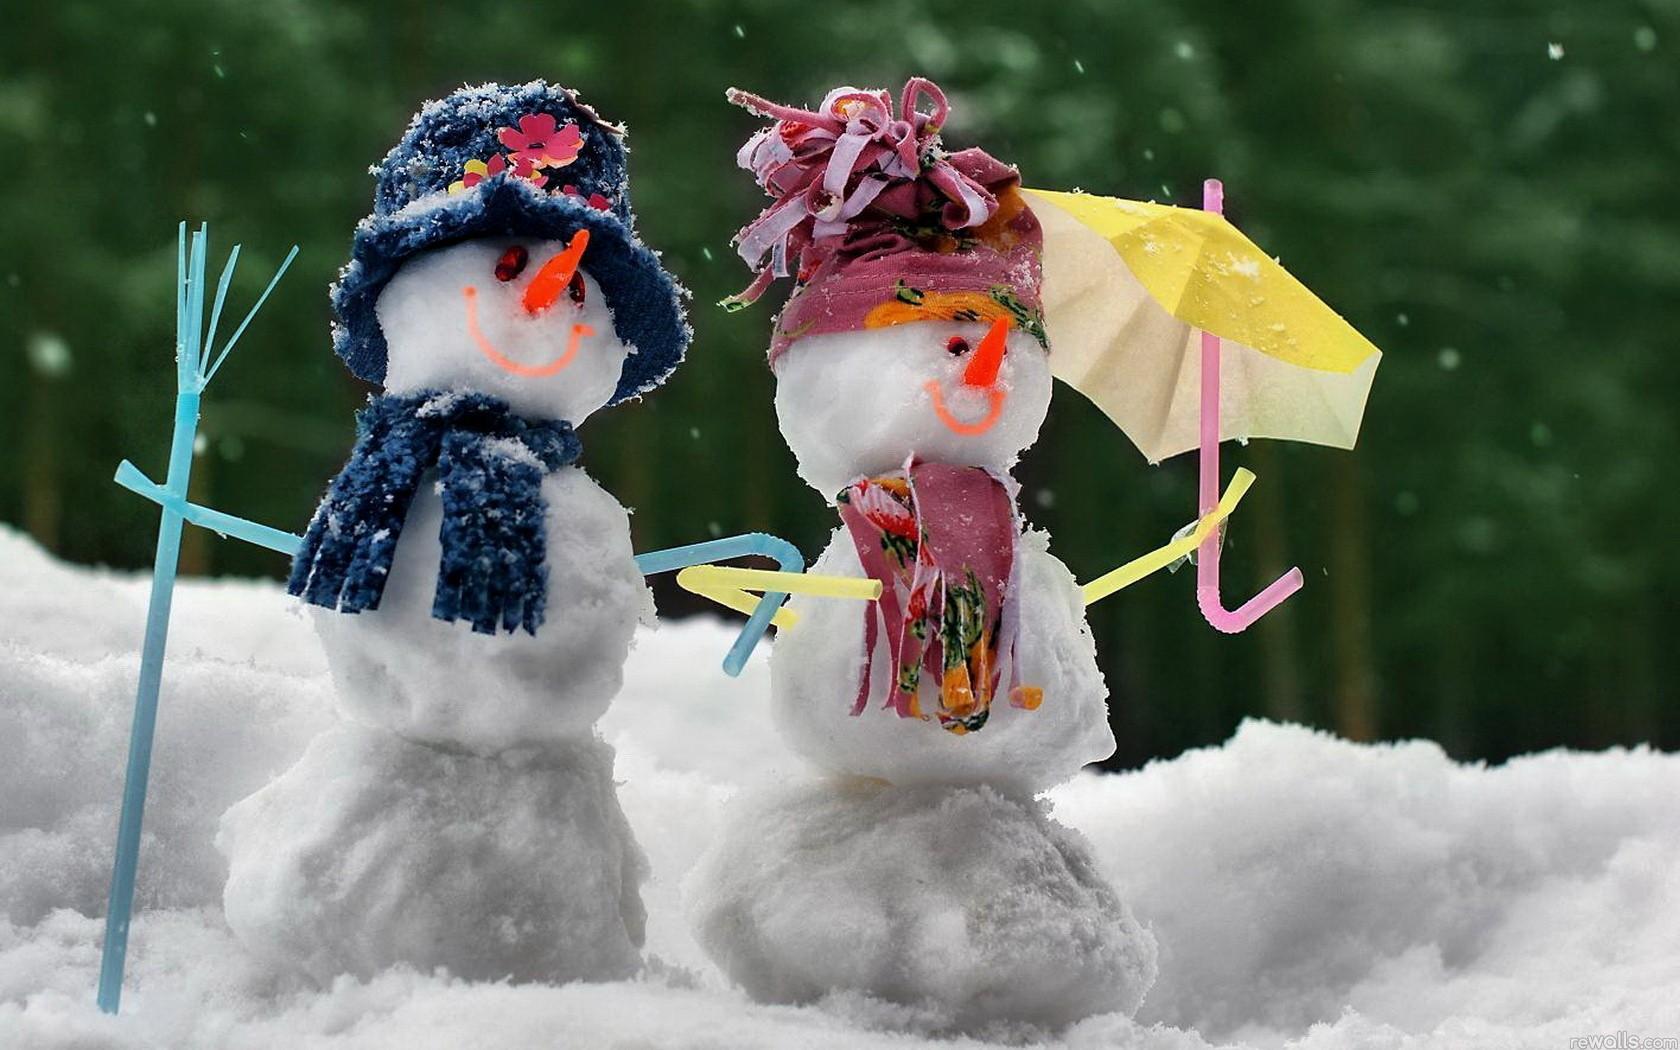 Muñecos hechos con nieve - 1680x1050